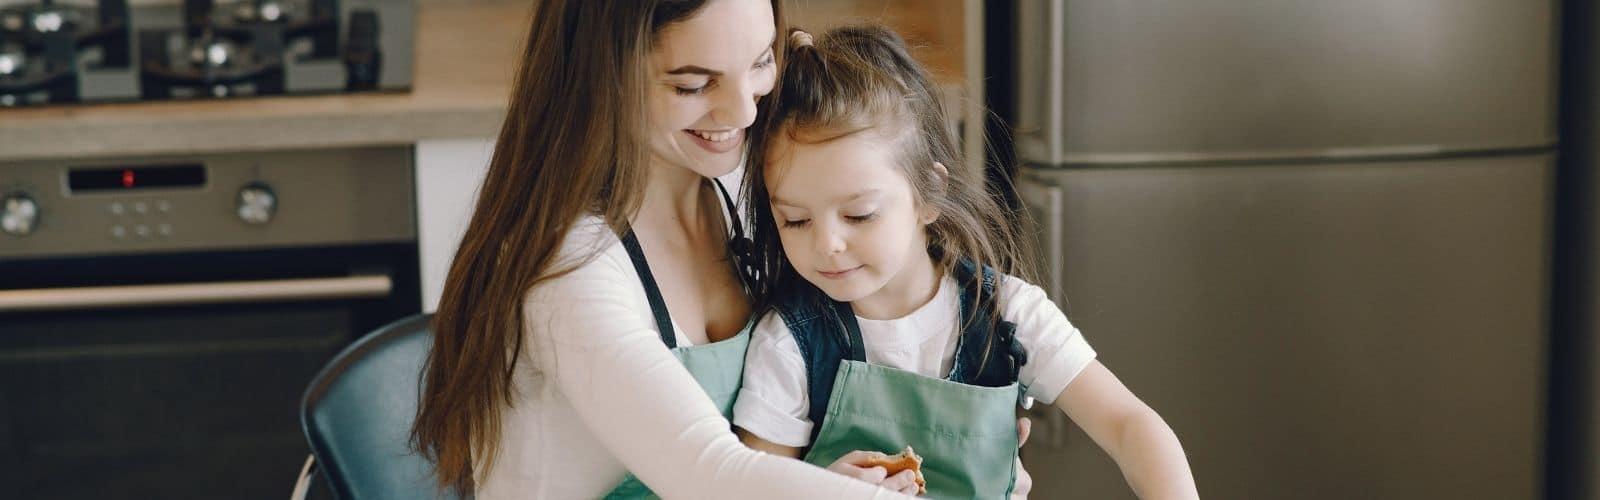 Babysitting ponctuel en soirée : quoi proposer aux enfants comme activités ?